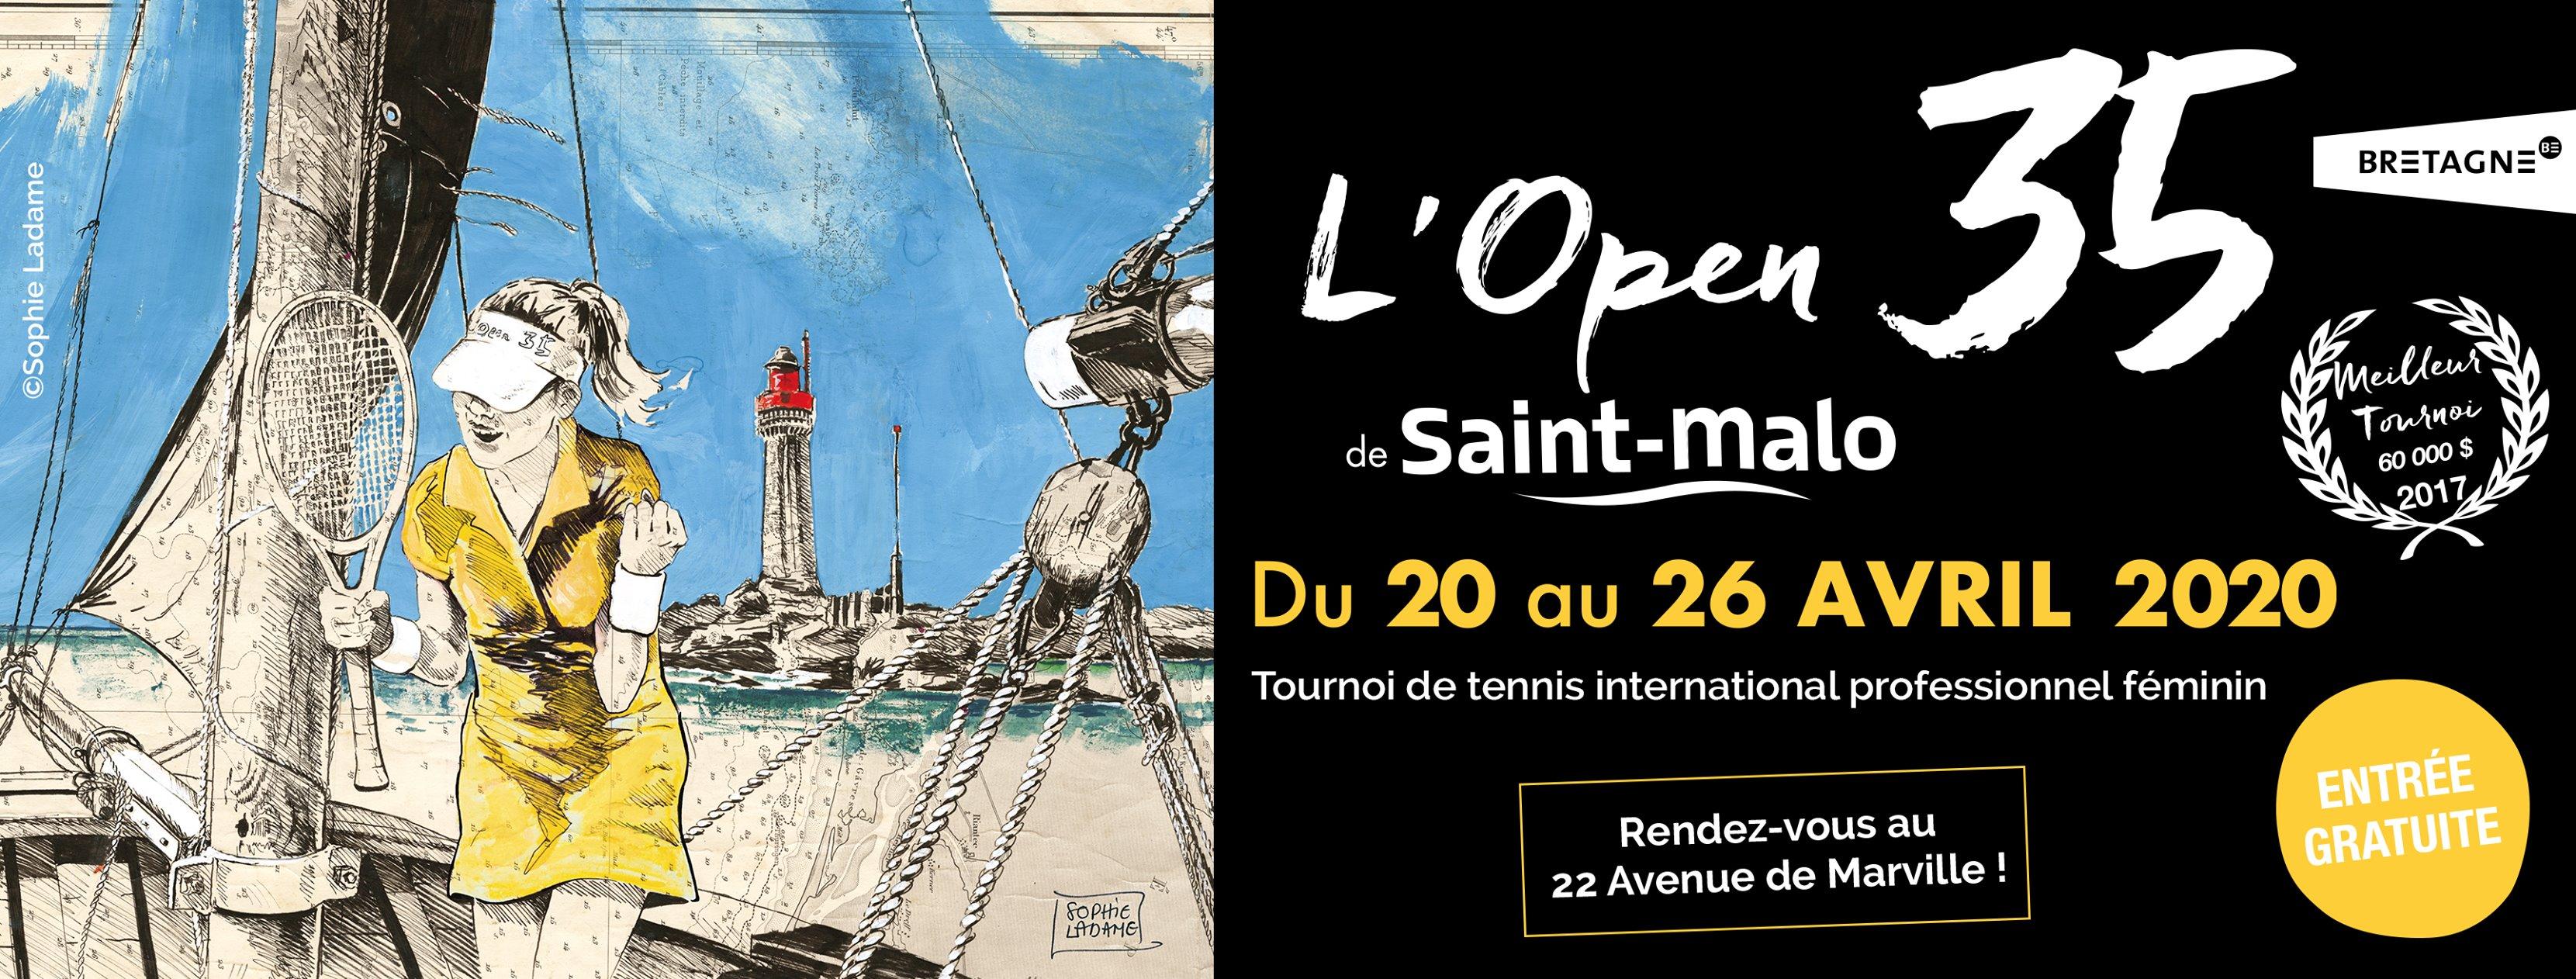 Open 35 de St Malo 2020